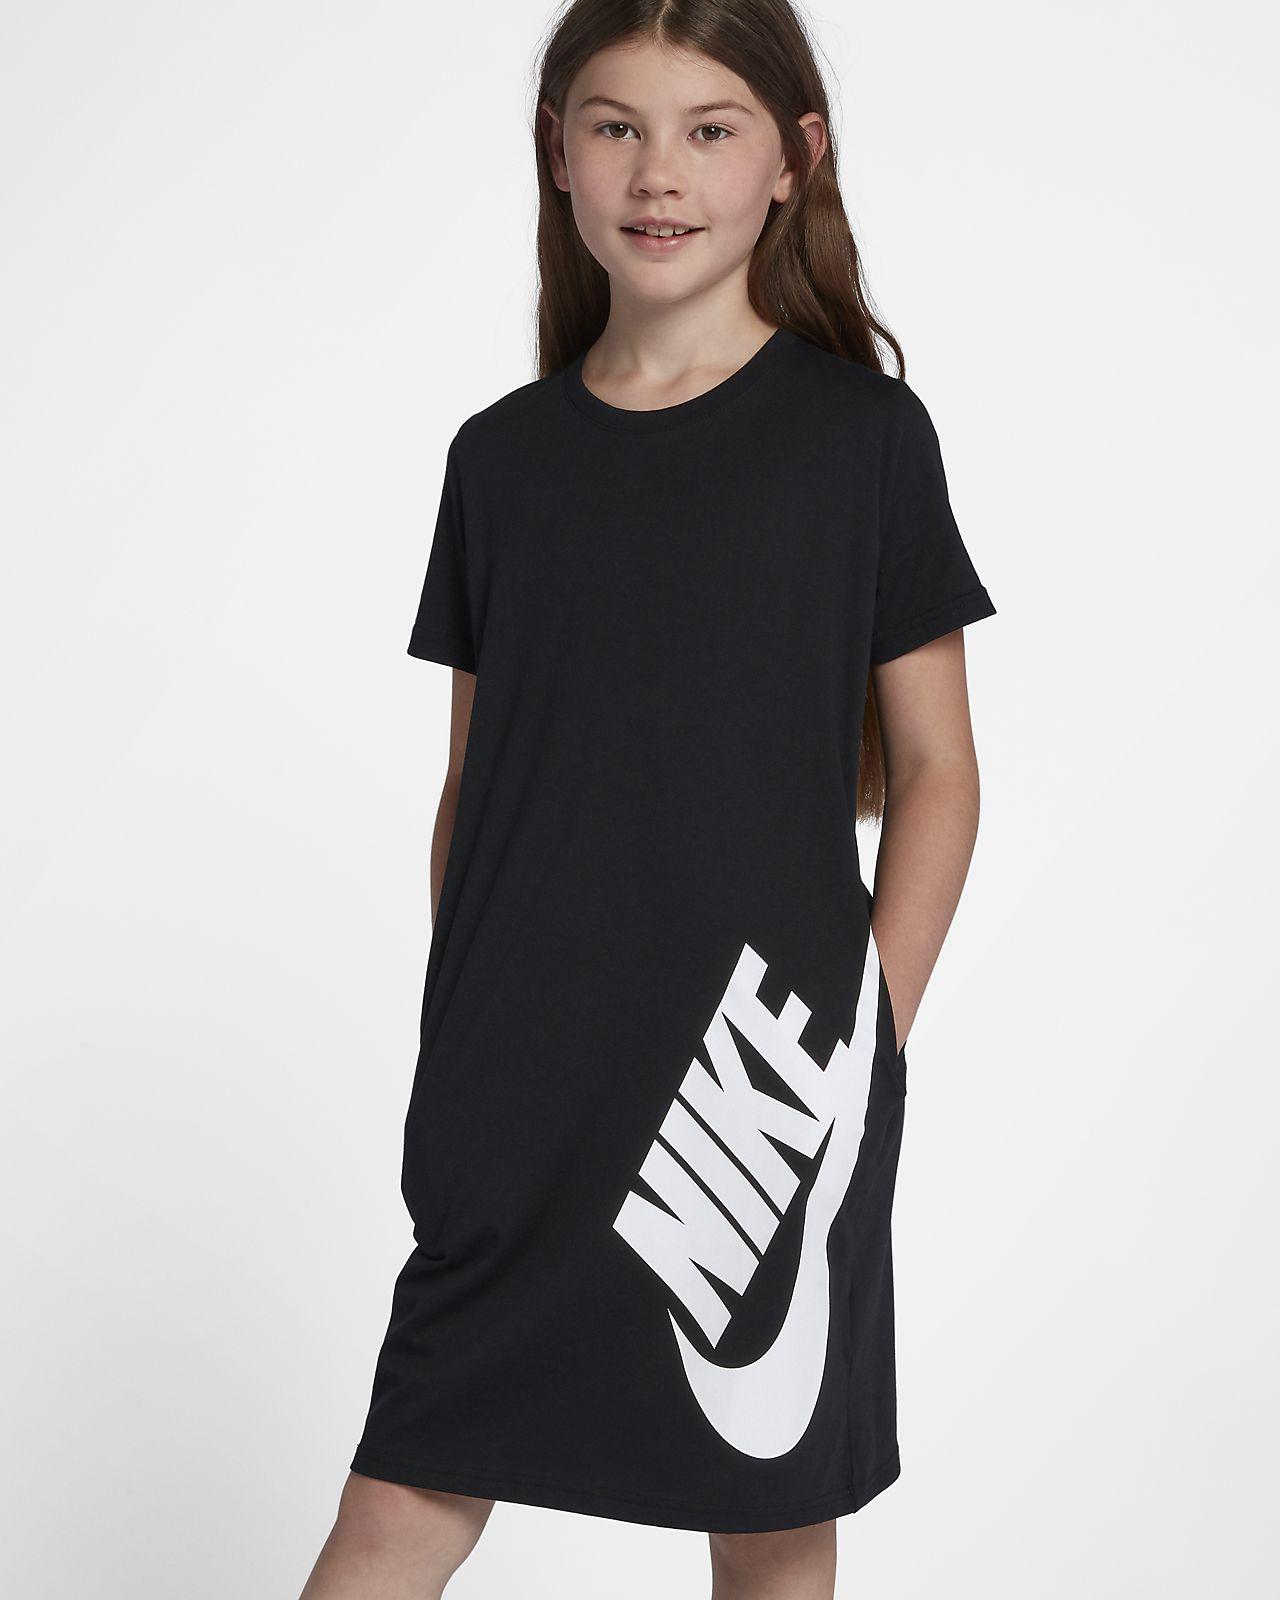 nike tshirt kleid